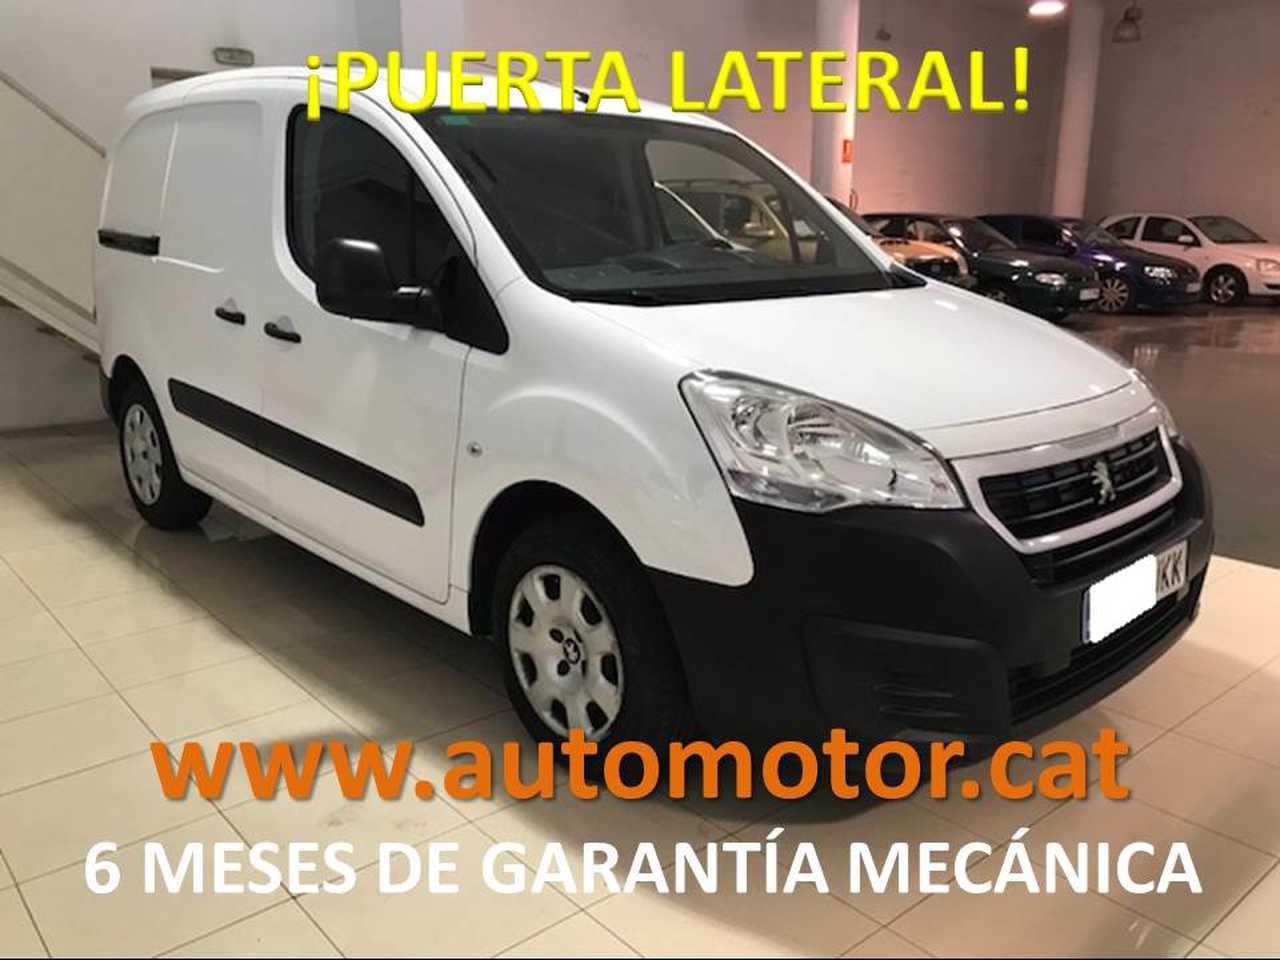 Peugeot Partner Furgón 1.6HDI Confort L1 - 6 MESES GARANTIA MECANICA  - Foto 1